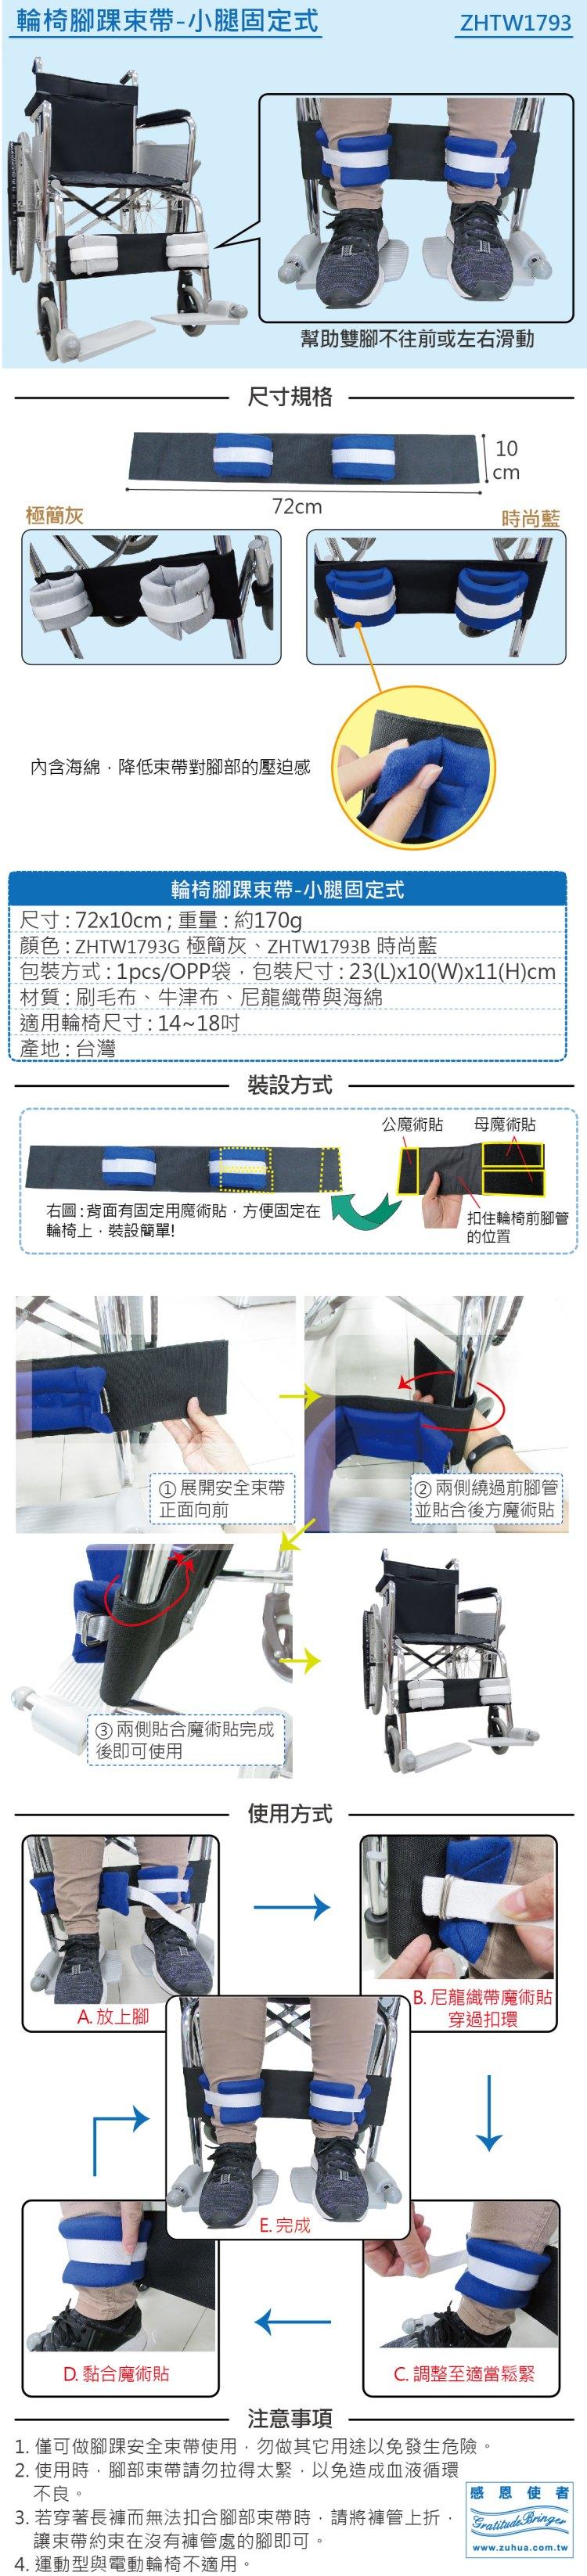 輪椅安全帶 安全束帶:固定小腿,幫助雙腳不從輪椅上滑落。